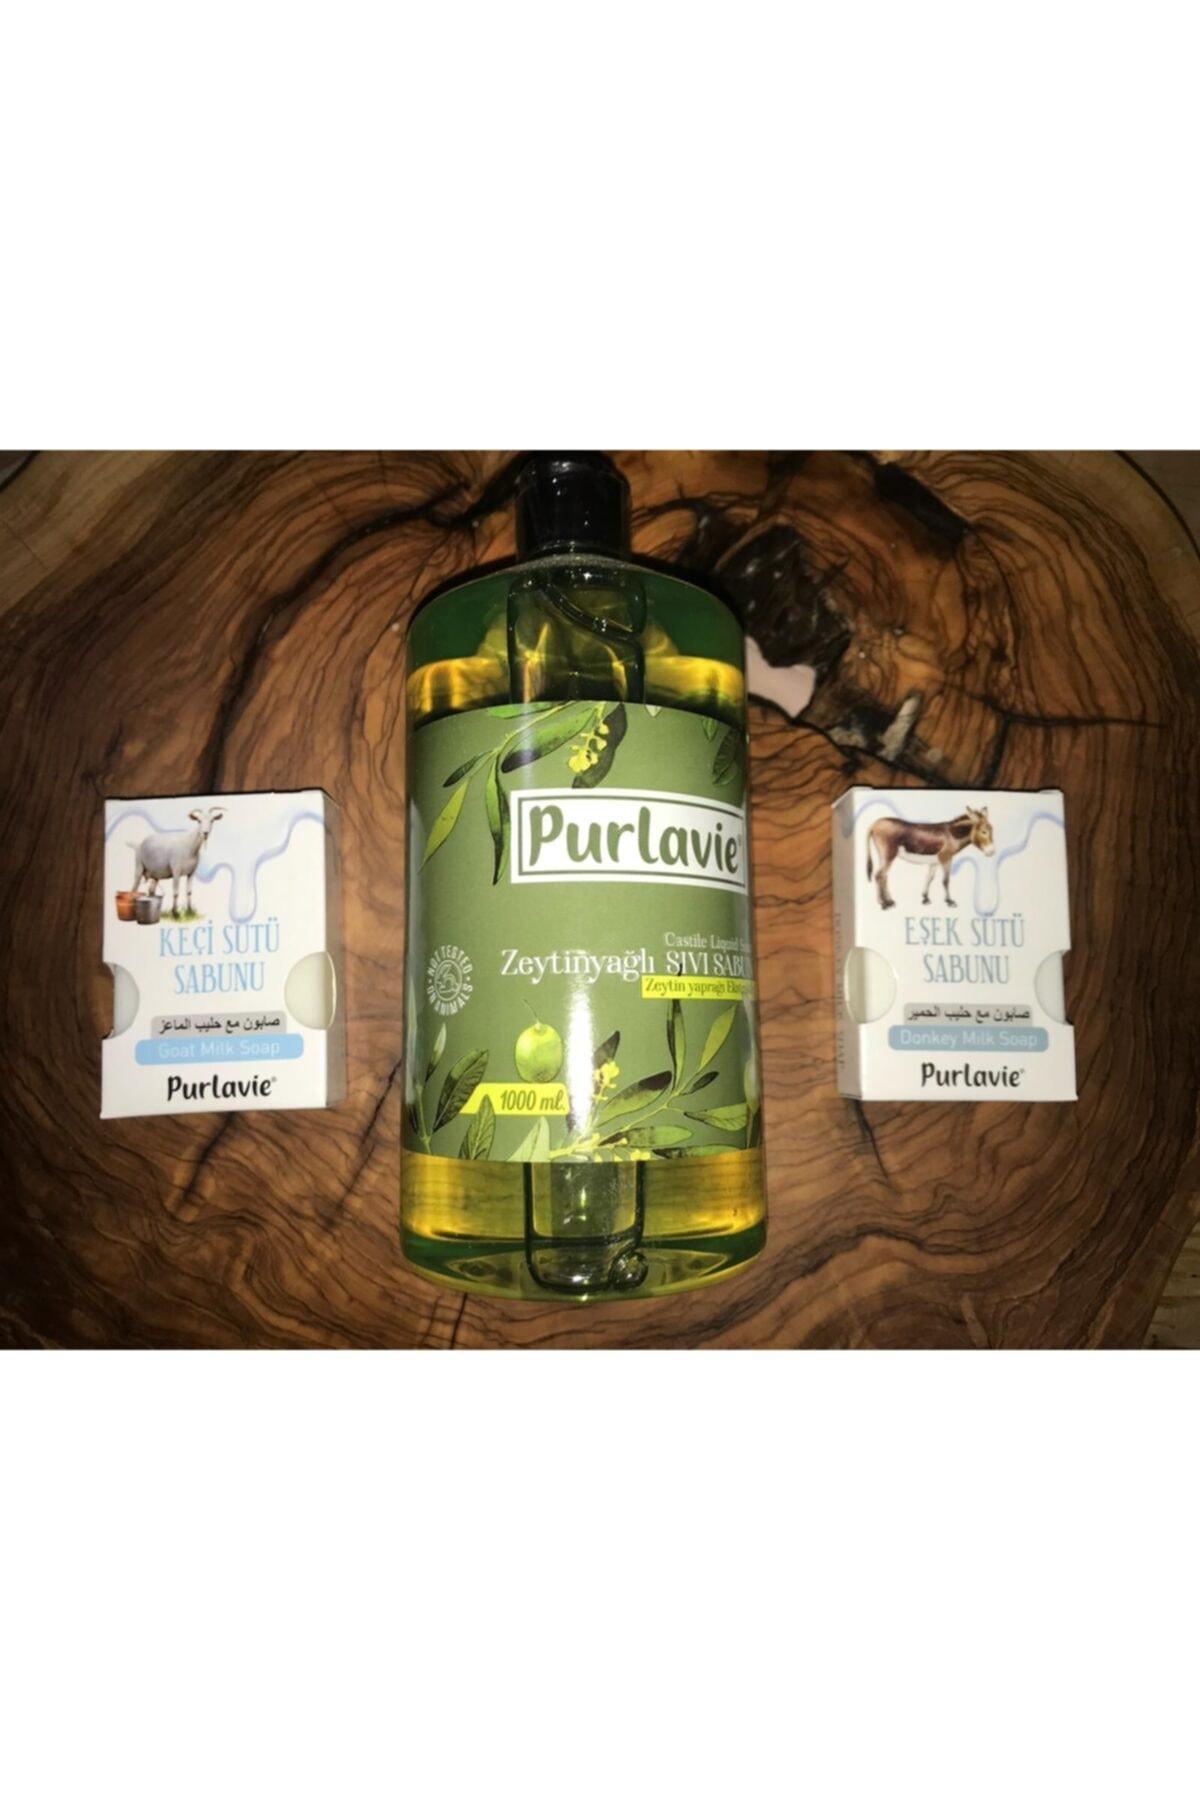 Kale Naturel 3 Lü Paket - Zeytinyağlı Sıvı Sabun (1000 Ml) Keçi Sütü (100 Gr) Eşek Sütü (100 Gr) 1